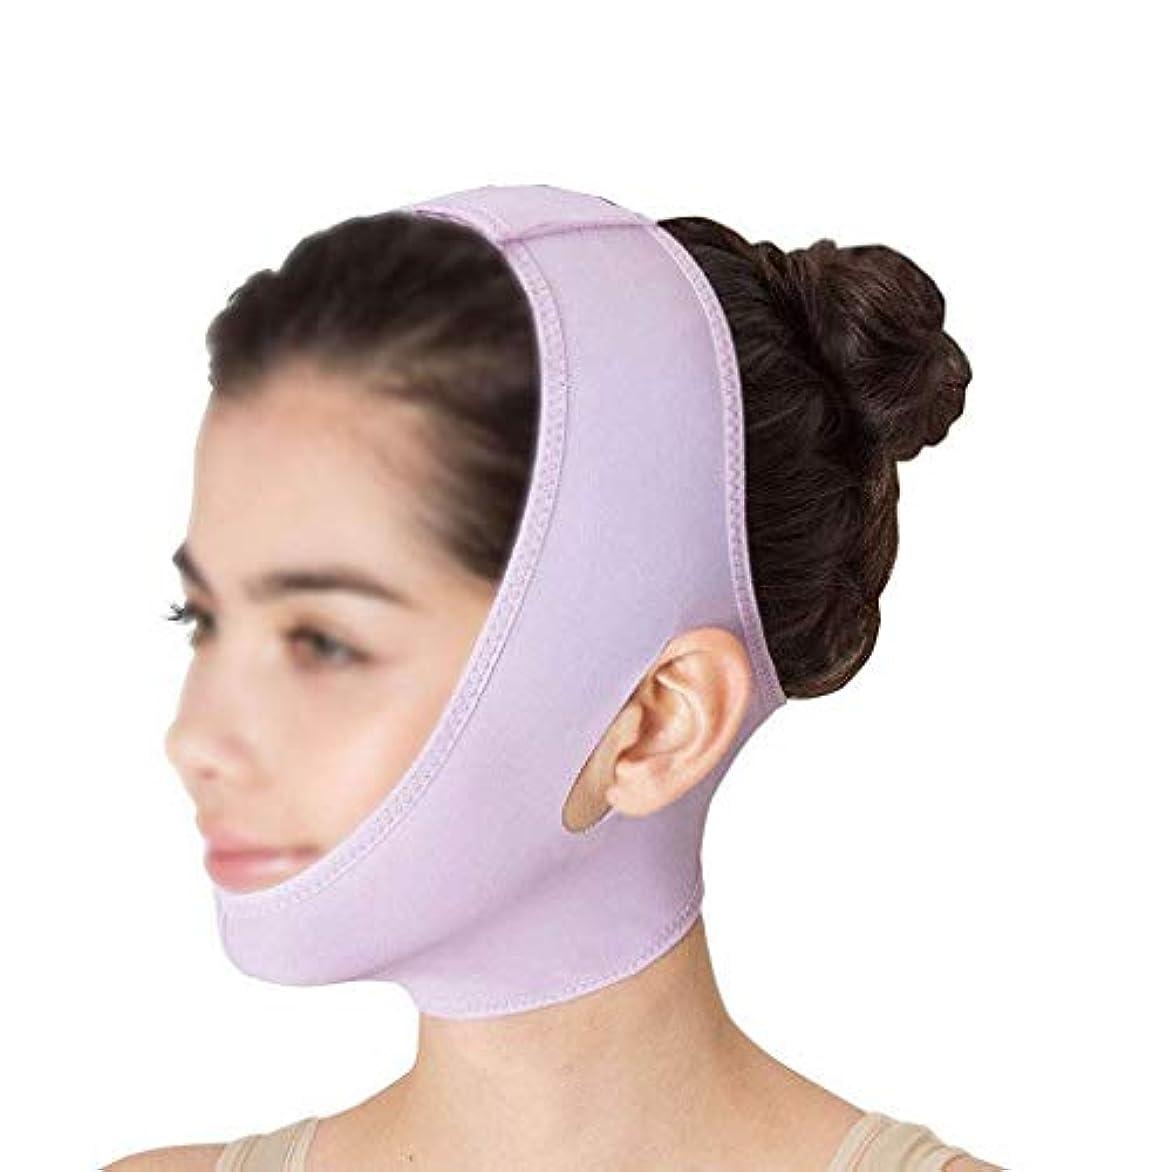 ツーリスト傾くキャスト薄いフェイスマスク ビームフェイス、薄いダブルチンでスリーピングマスクの下の頬を防ぎ、小さなVフェイスを作成